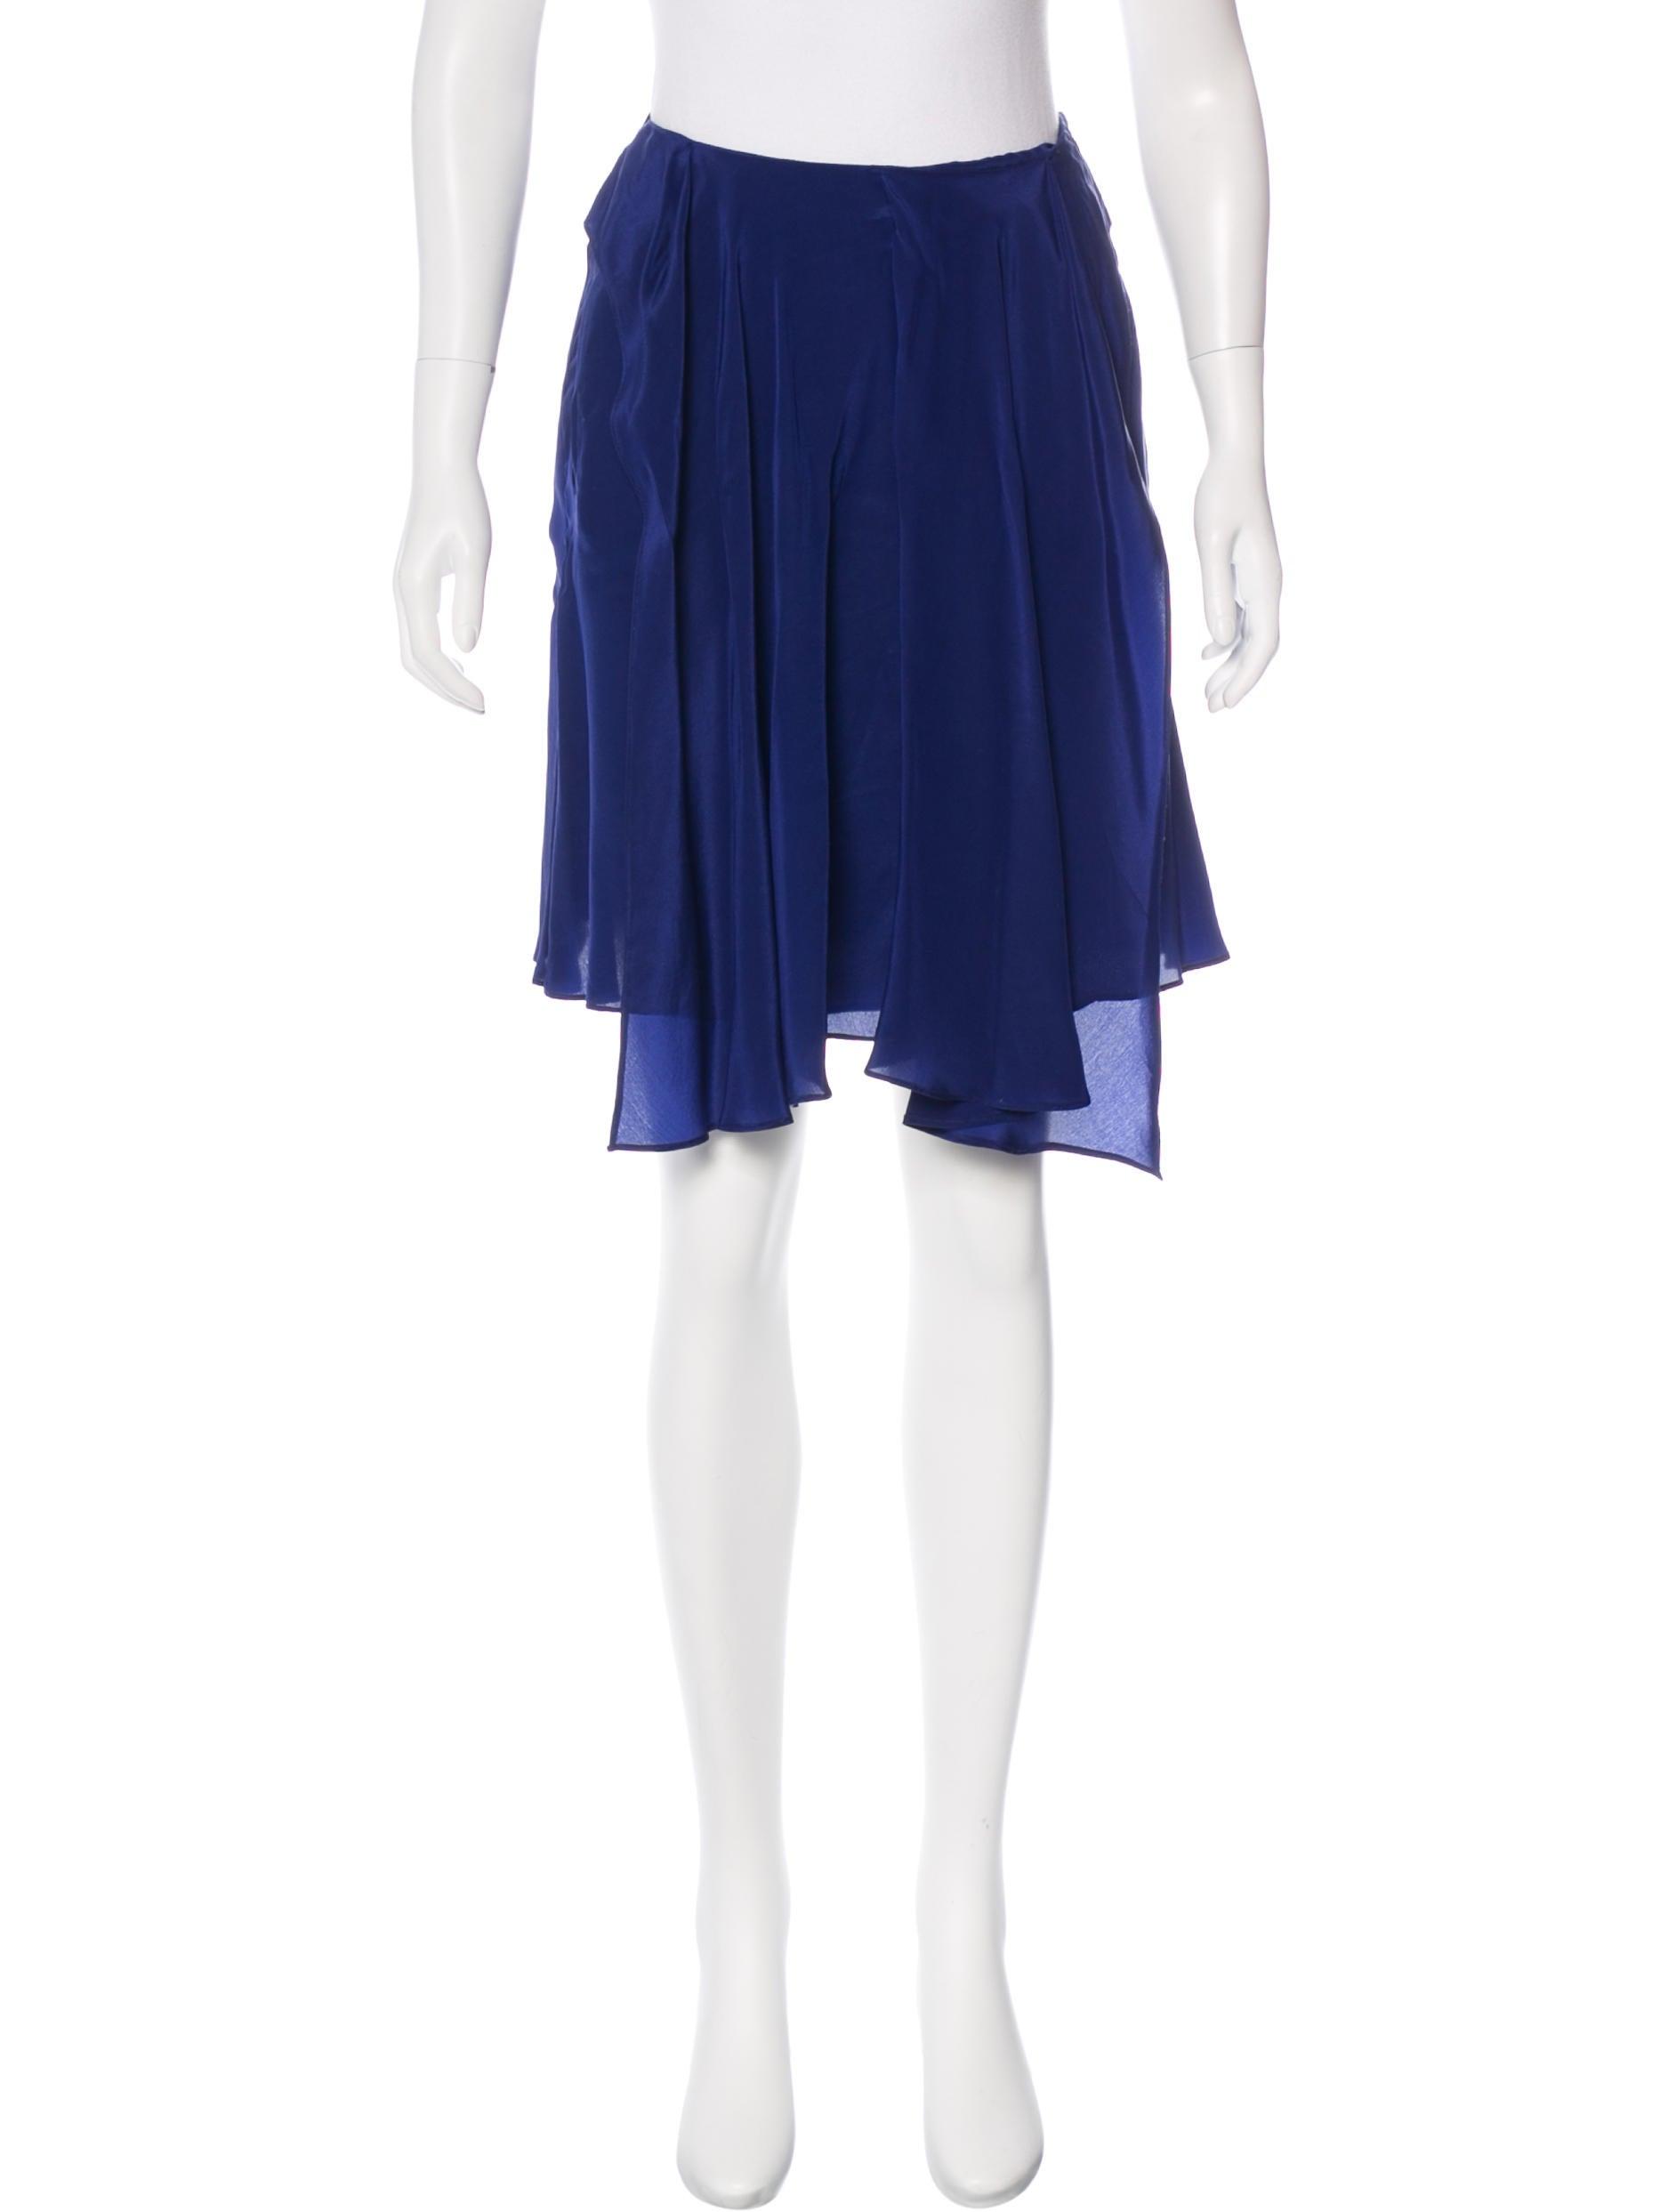 bruno silk pleated skirt clothing van23290